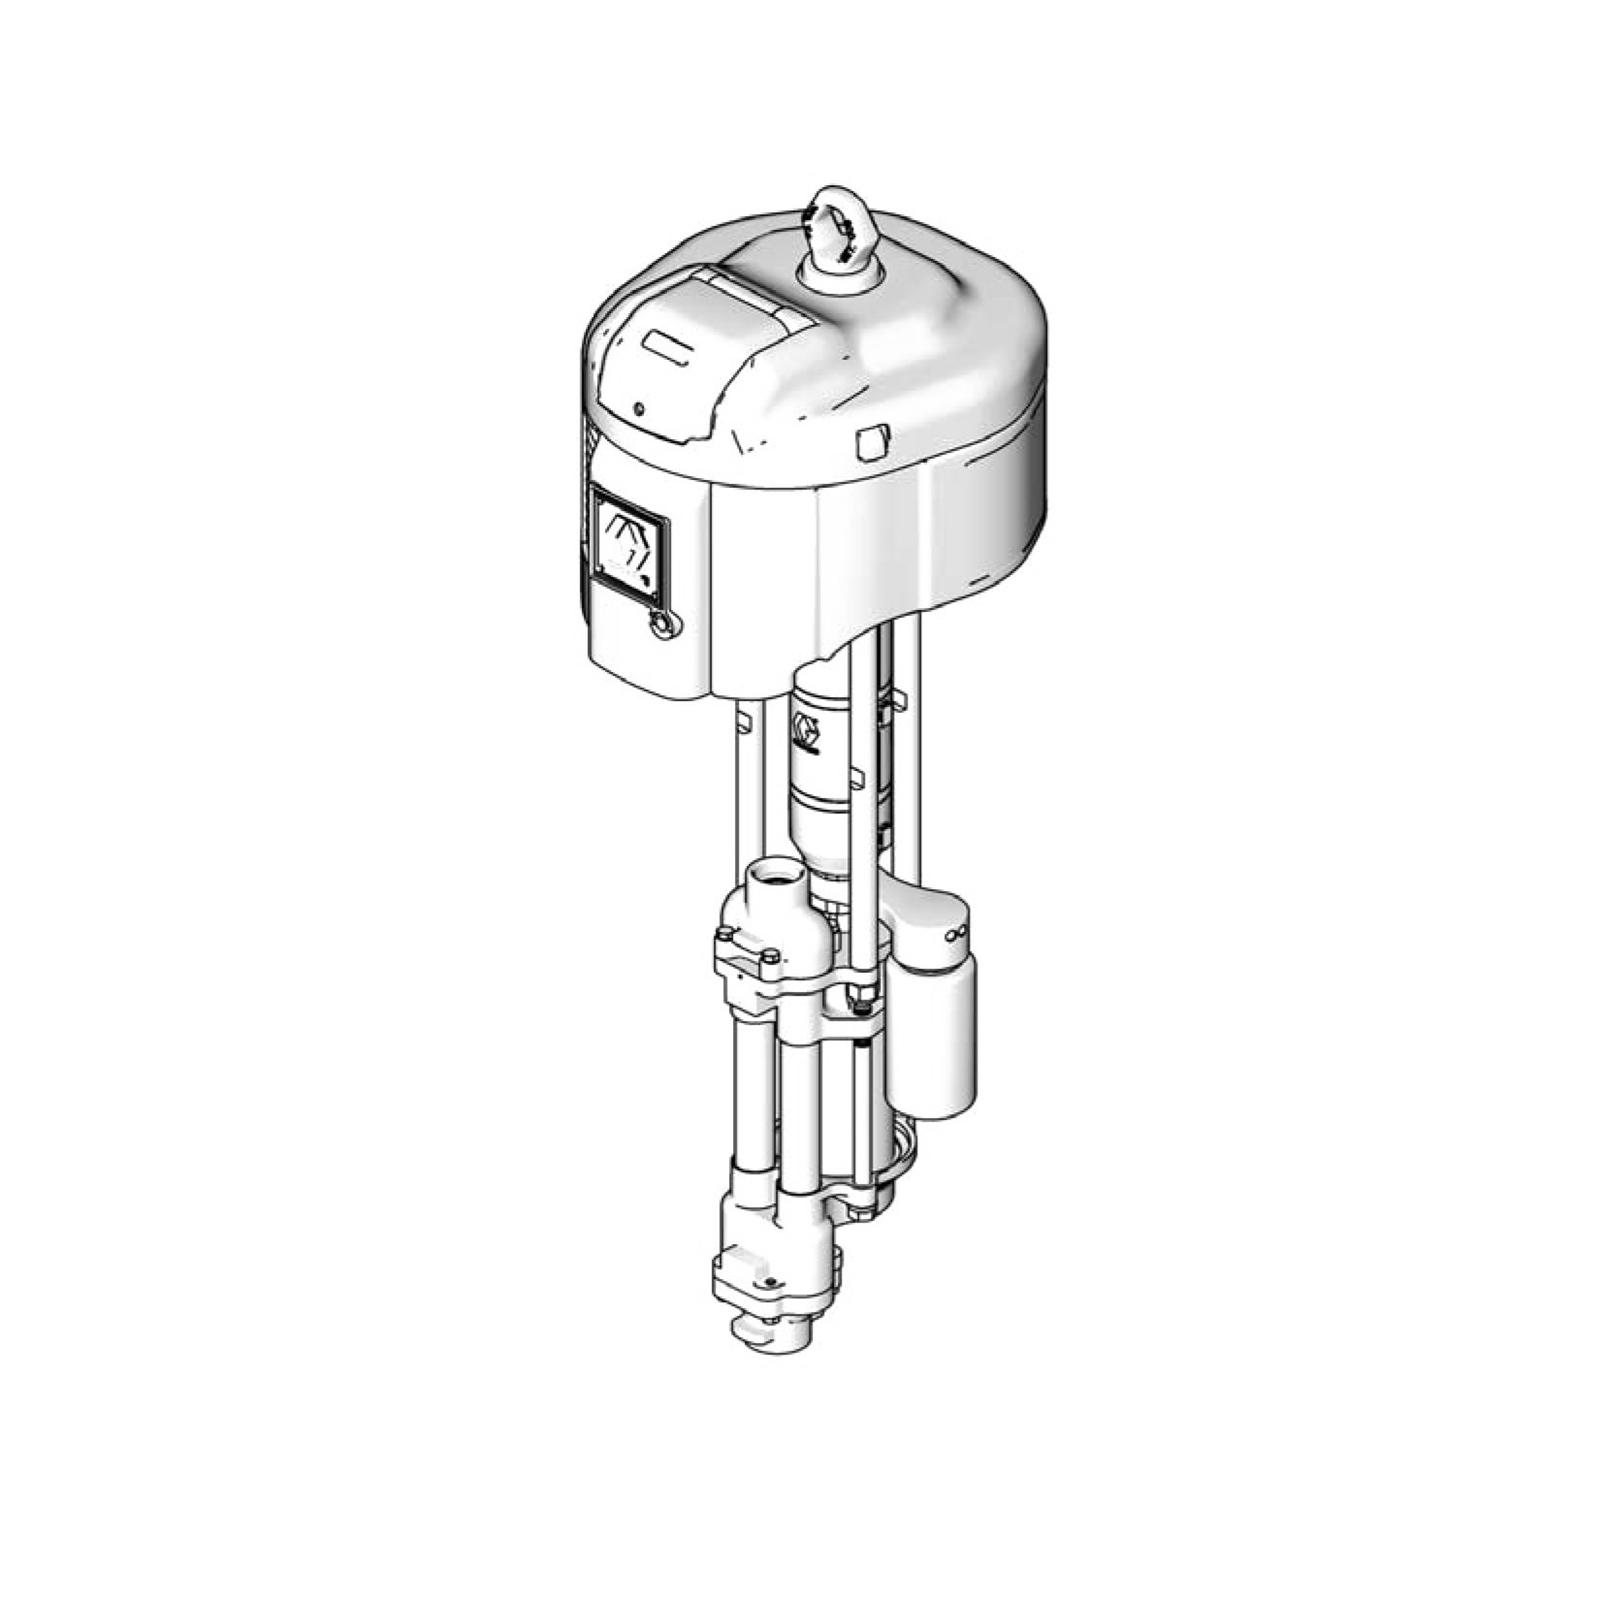 High-Flo 4-Ball Pump, CS, 2:1, Low Noise Exhaust, DataTrak